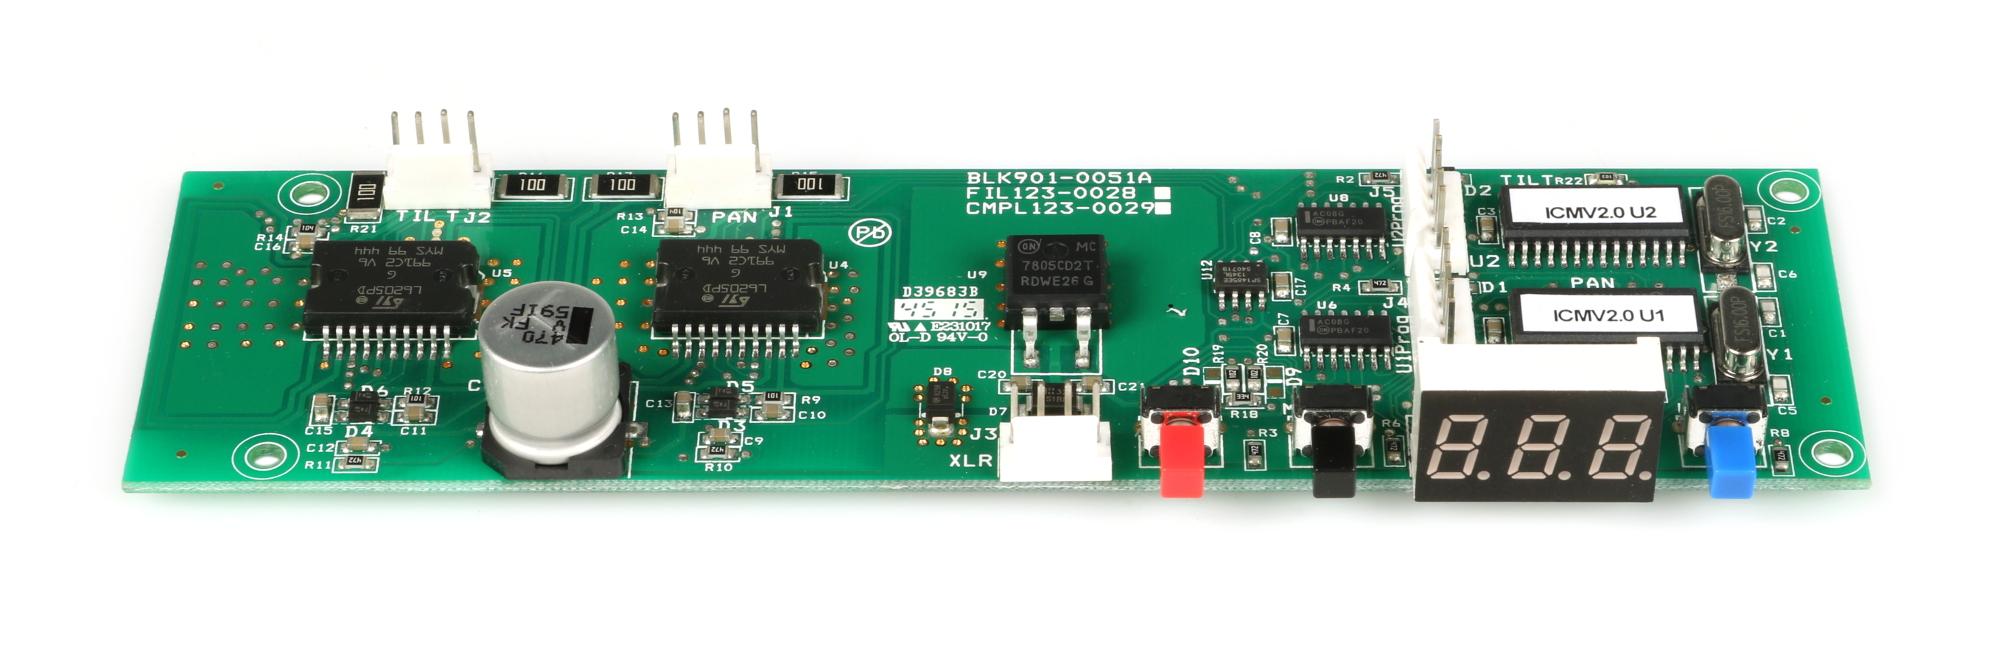 Rosco Laboratories 205810070000  I-Cue Main PCB 205810070000